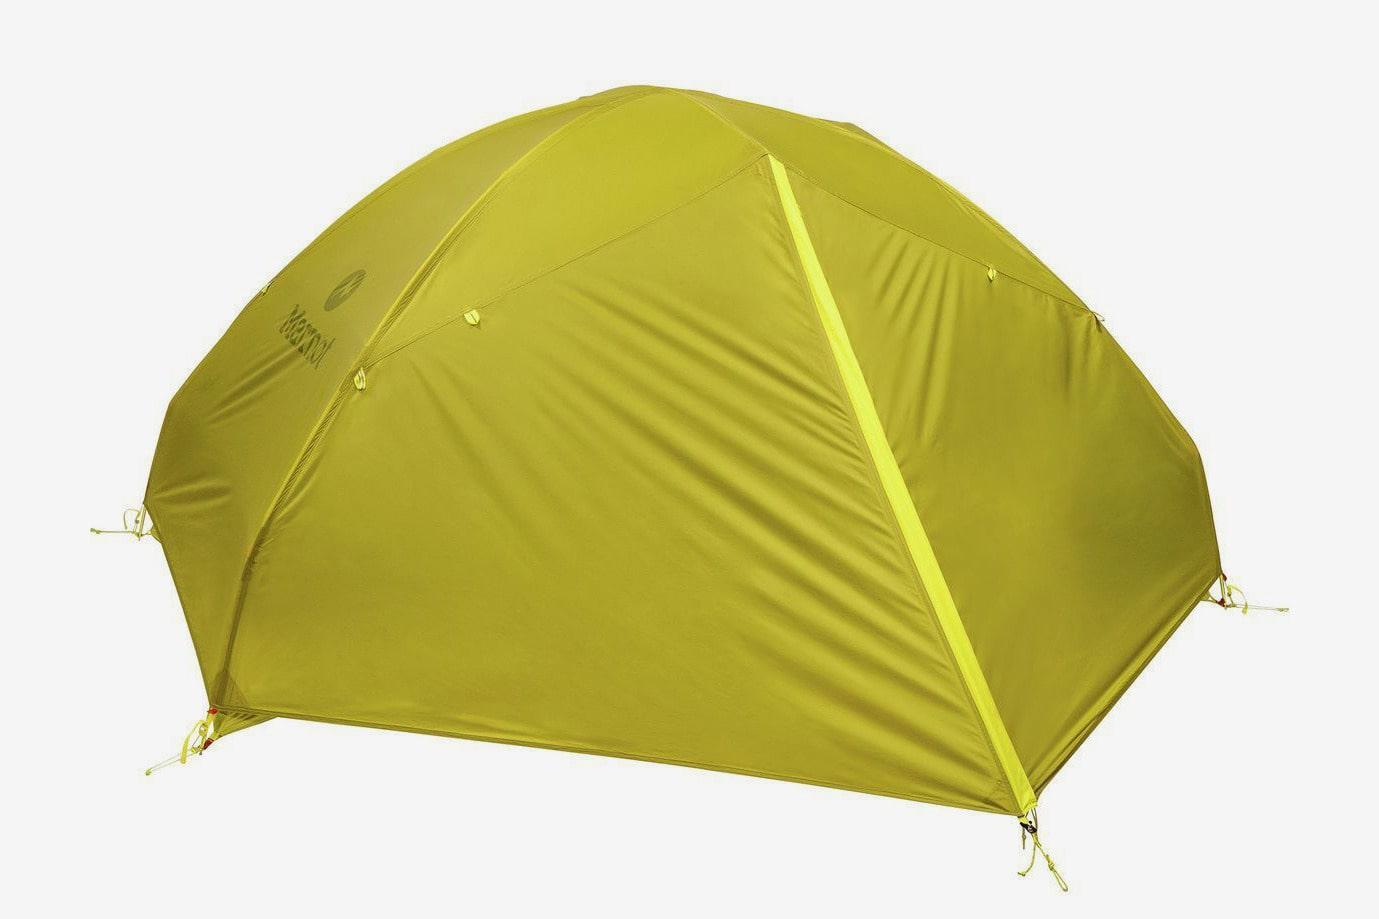 Marmot Tungsten UL Tent two-Person, 3-Season